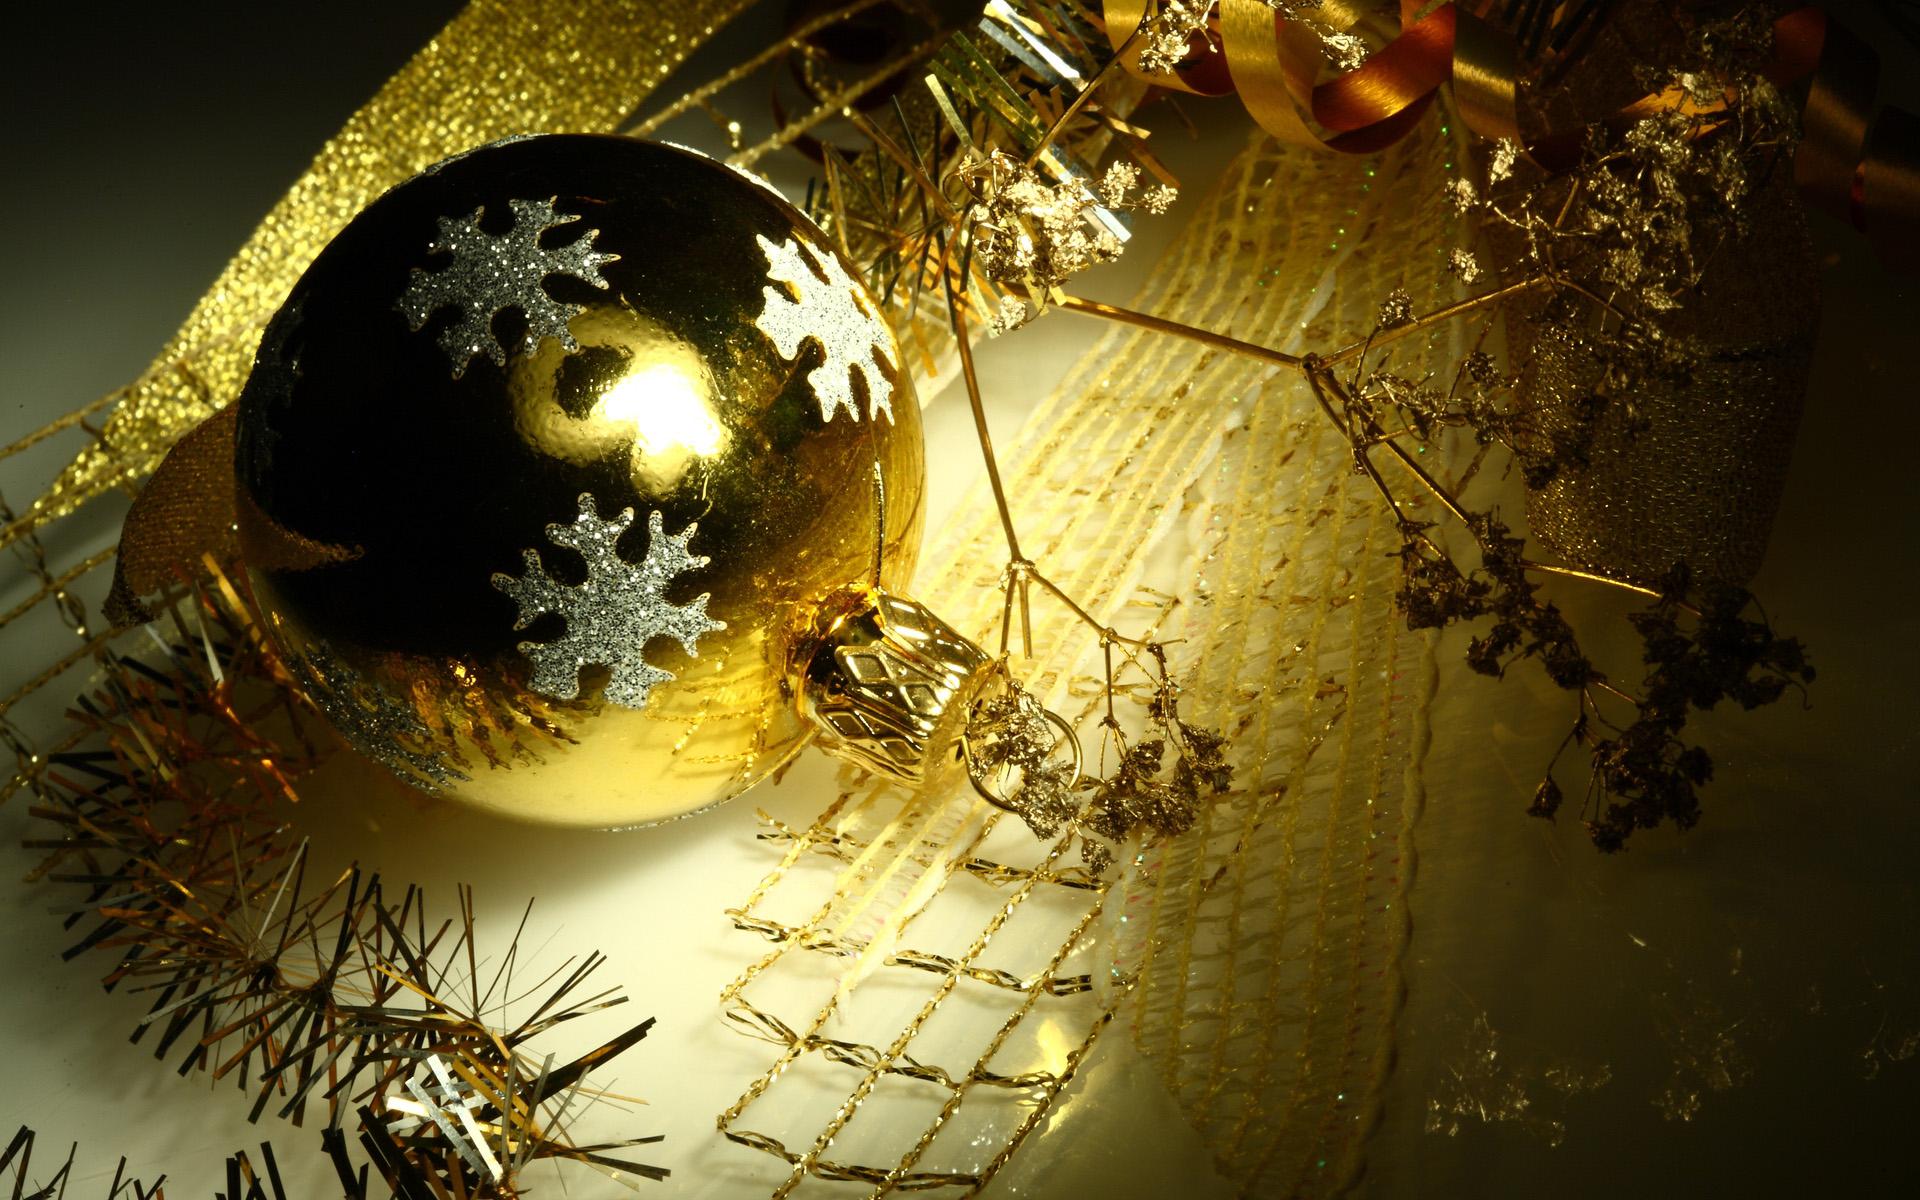 Елочное украшение - C наступающим новым годом 2017 поздравительные картинки